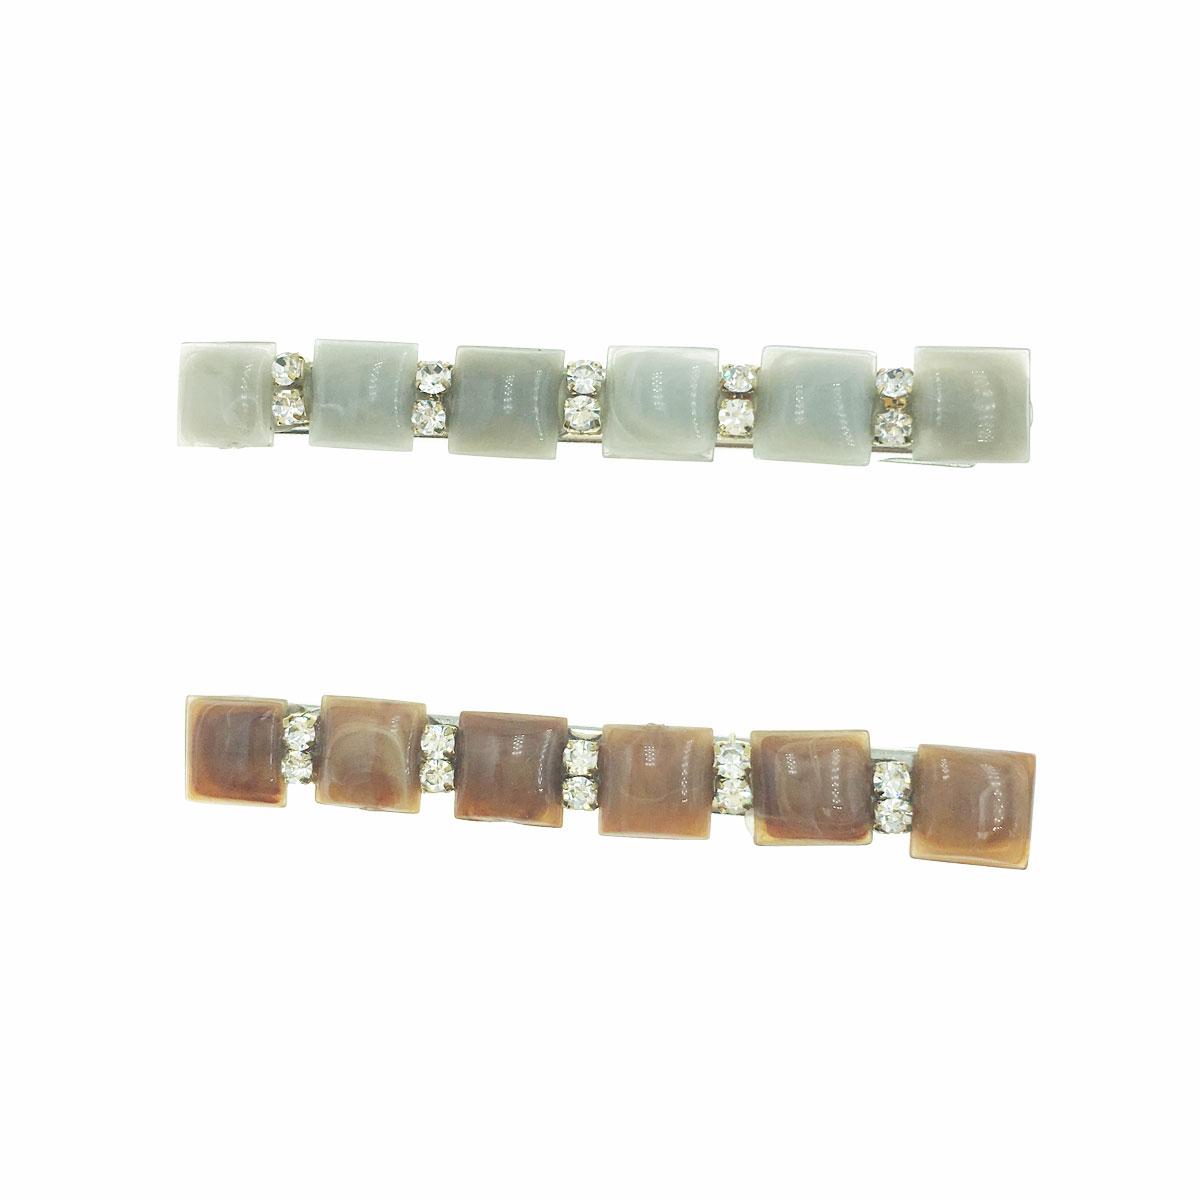 韓國 水鑽 方形 大理石 兩色 壓夾 髮夾 髮飾